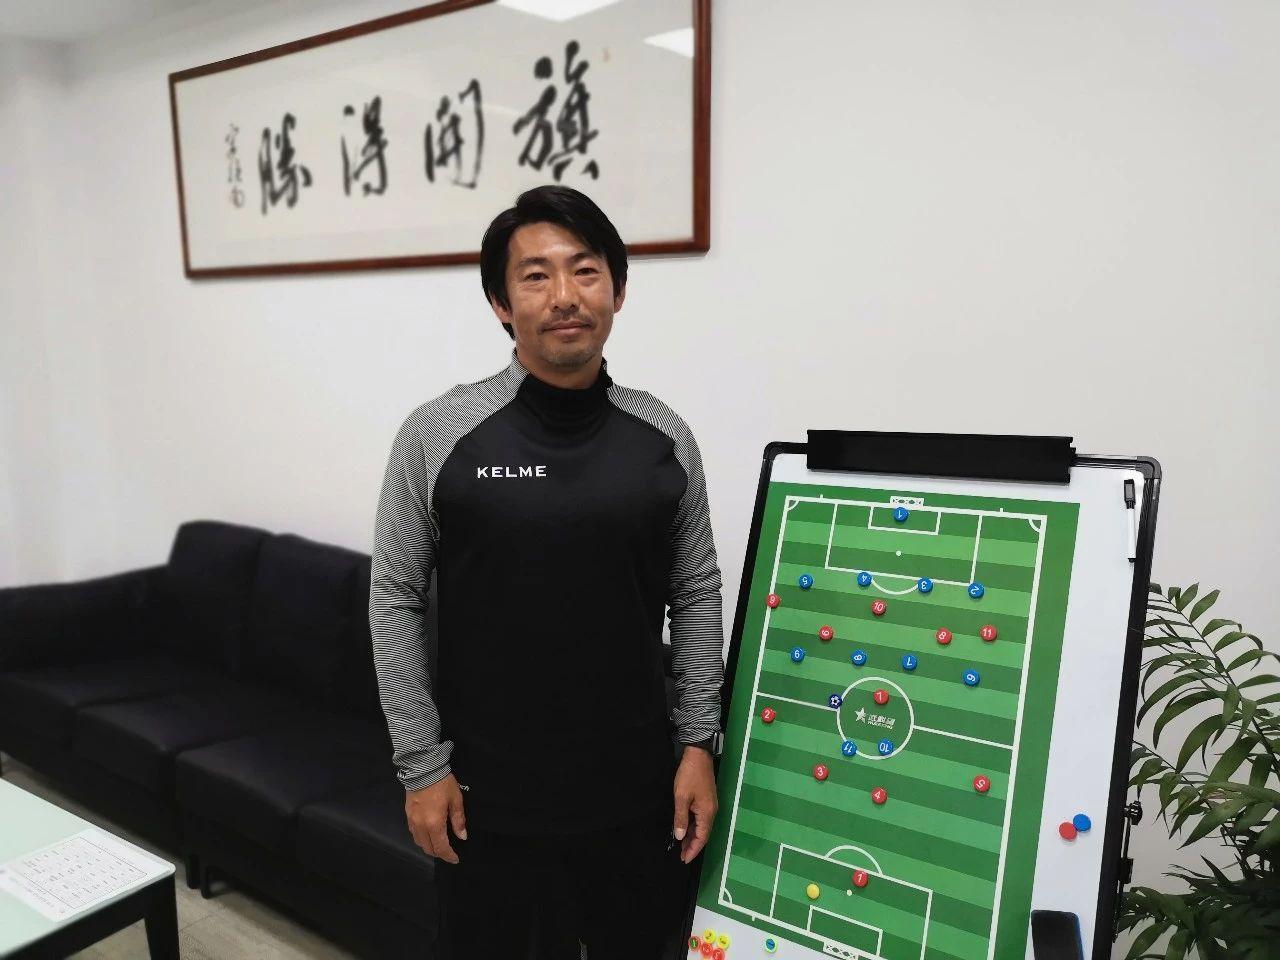 日本教练批中国青训:小孩踢球卧草,说明有大人这么教